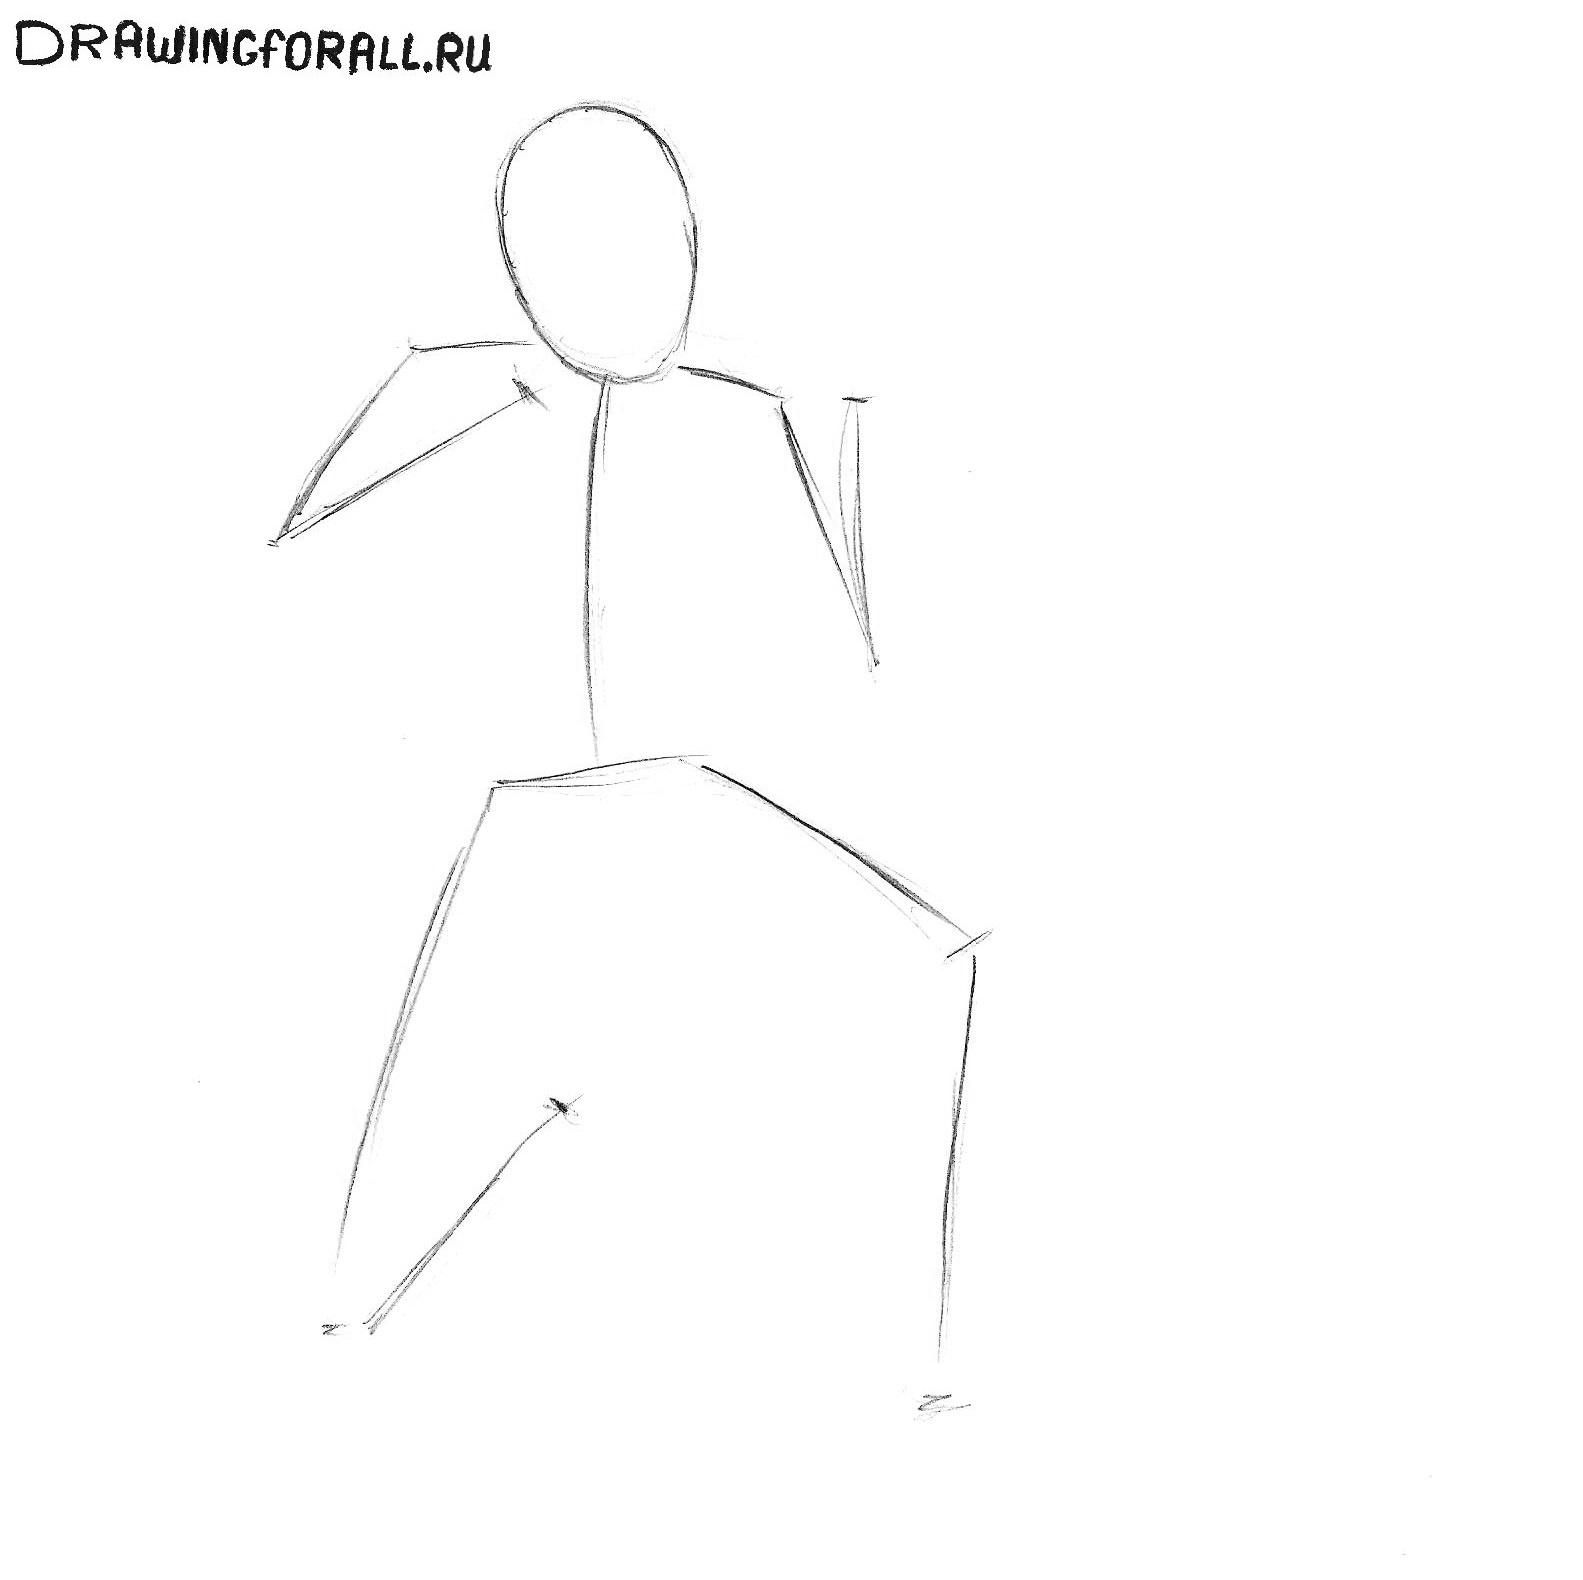 Как нарисовать солдата поэтапно